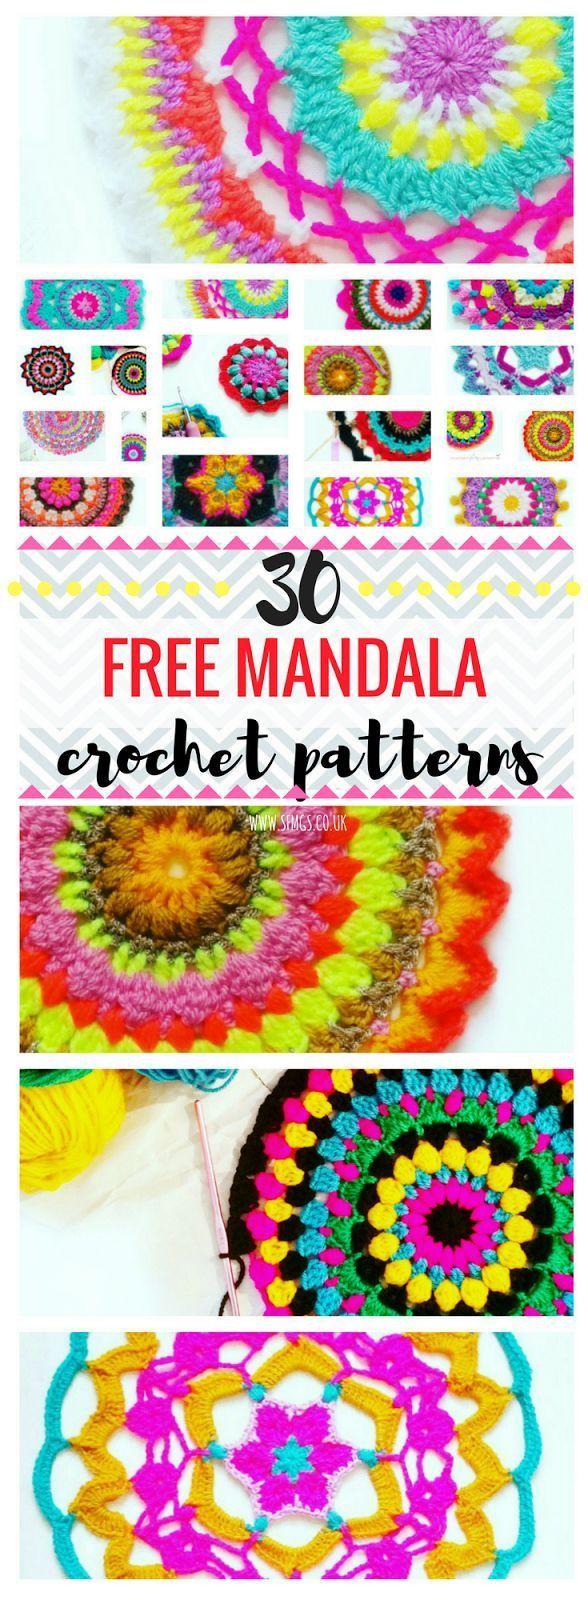 30 Free Mandala Patterns   Free Crochet Pattern - 30 free bright, bohemian mandalas to crochet... A round-up of SFMGS Mandala Monday free crochet patterns so far.